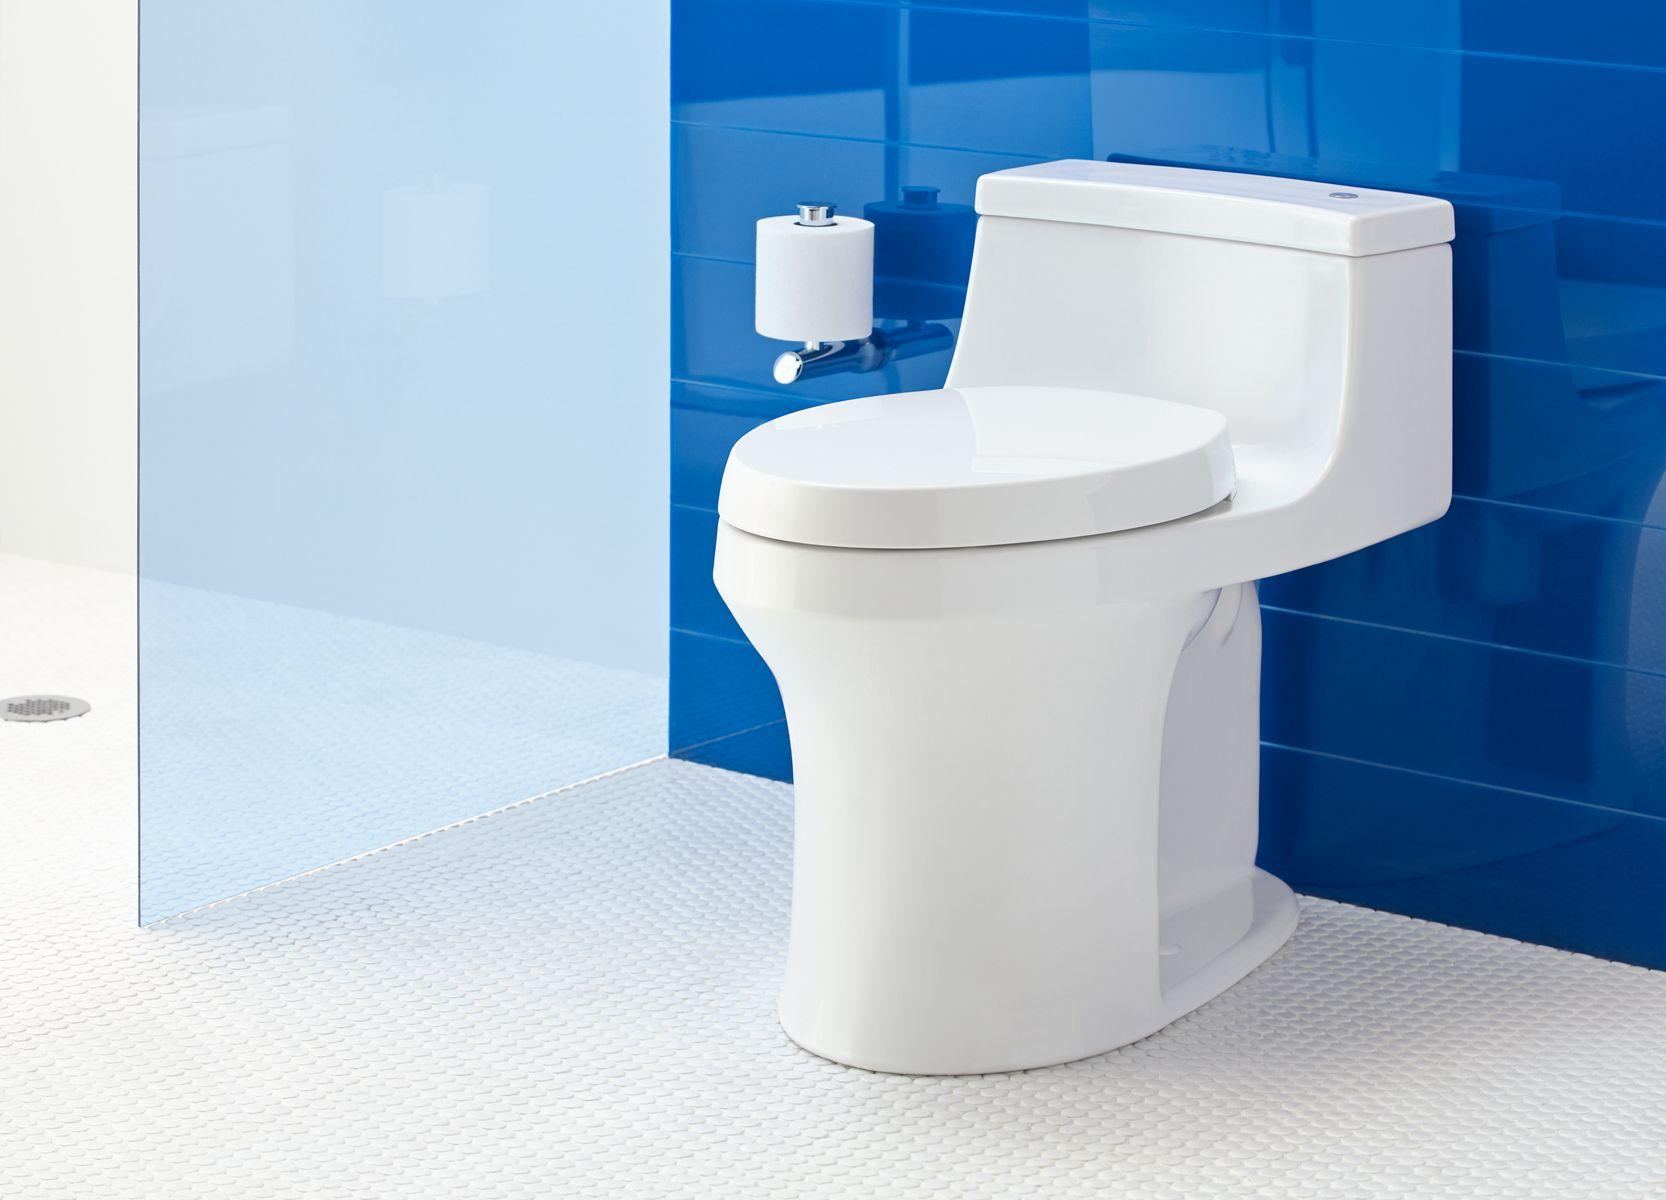 玻璃陶瓷座廁與智能廁板